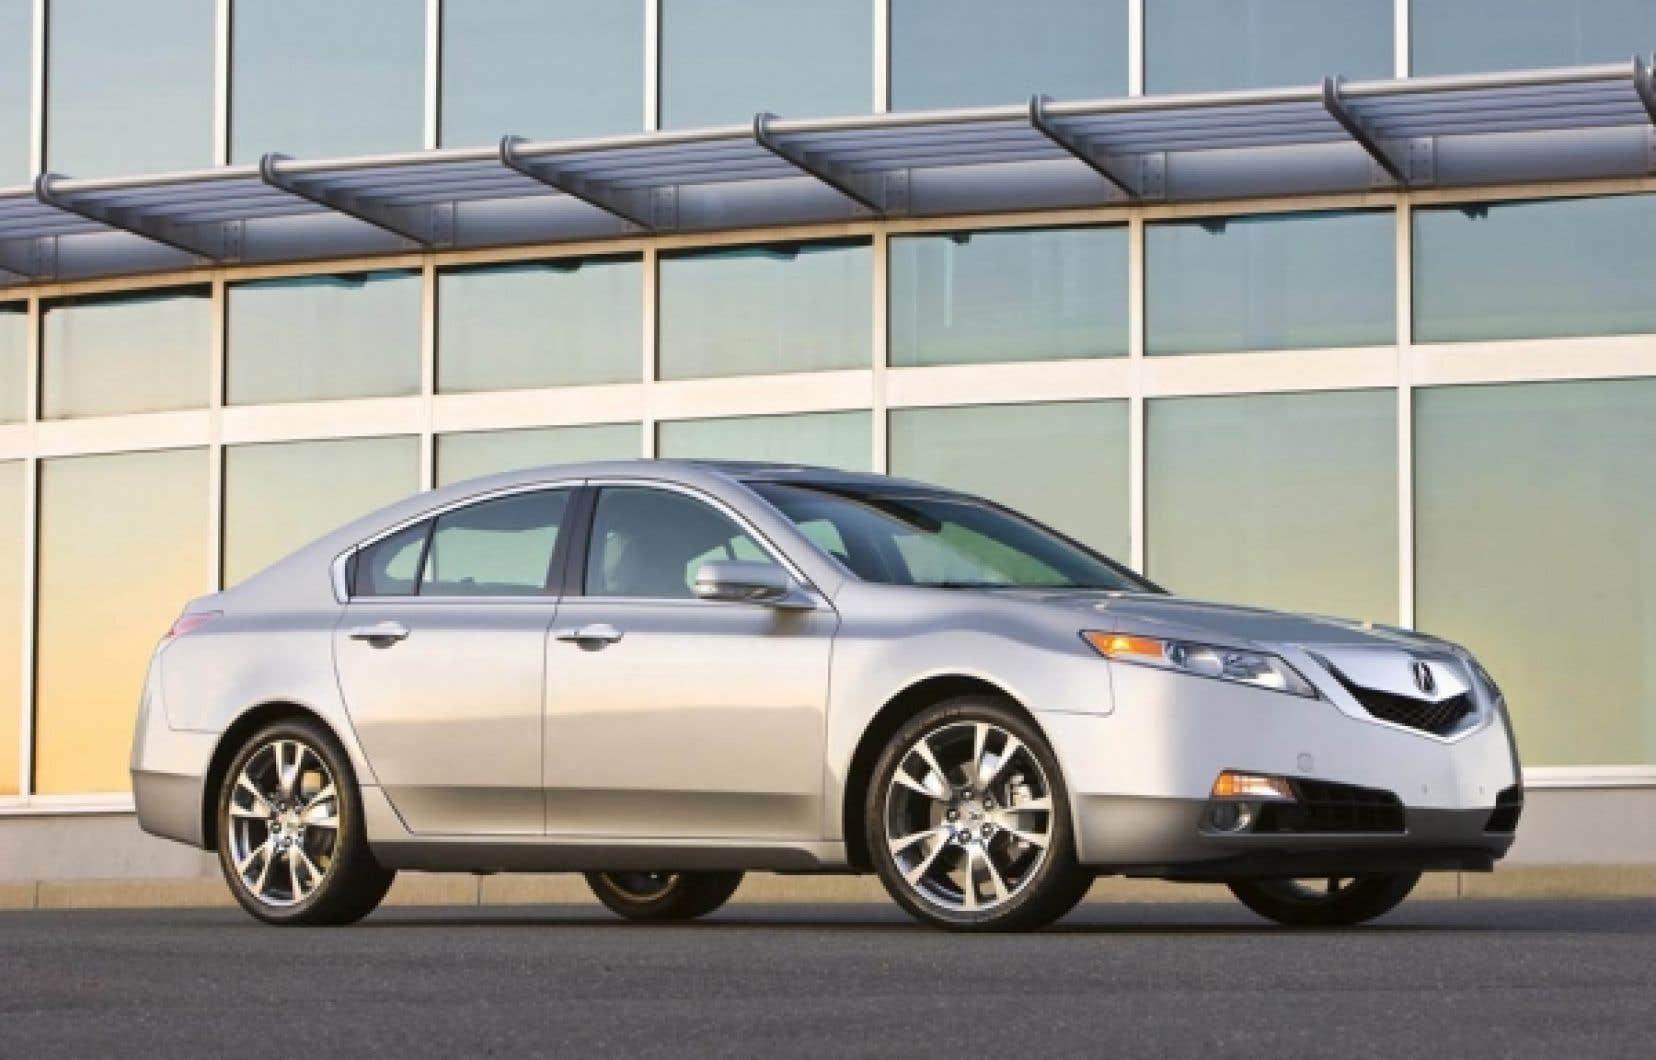 La douceur de roulement demeure une des principales qualités de l'Acura TL, tandis que l'insonorisation a été améliorée.<br />